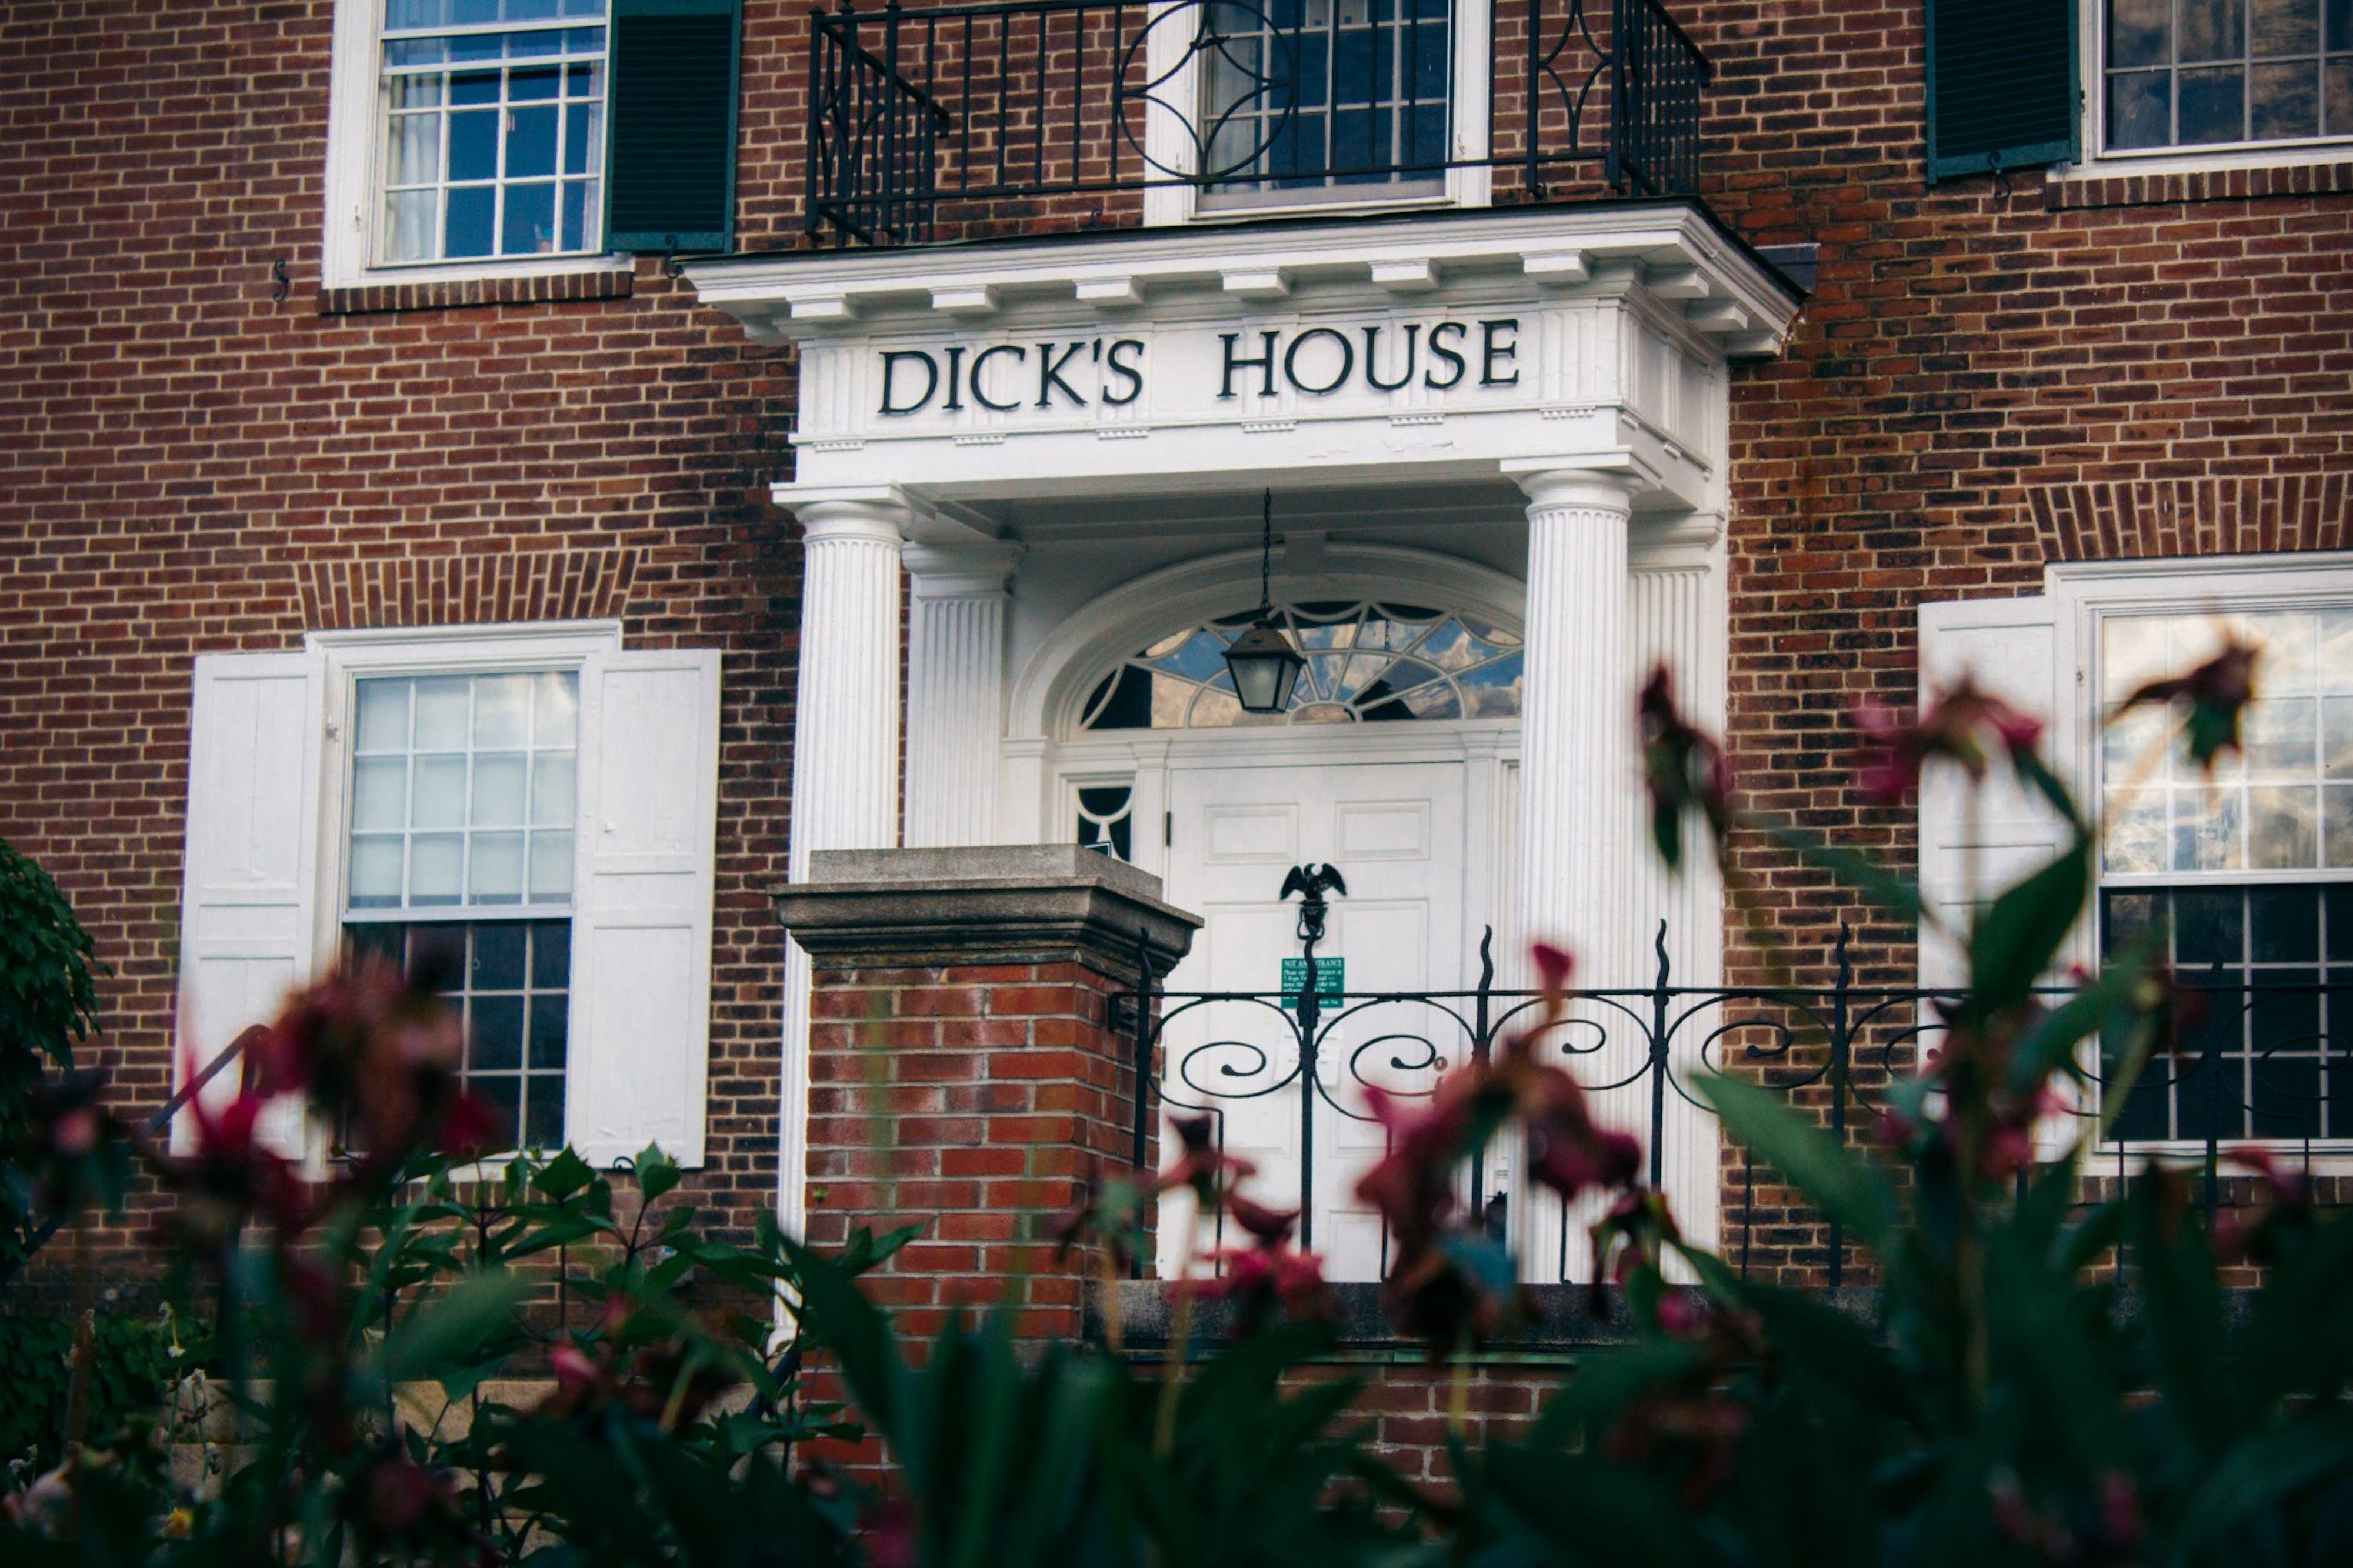 dickshouse_oliverdejonghe